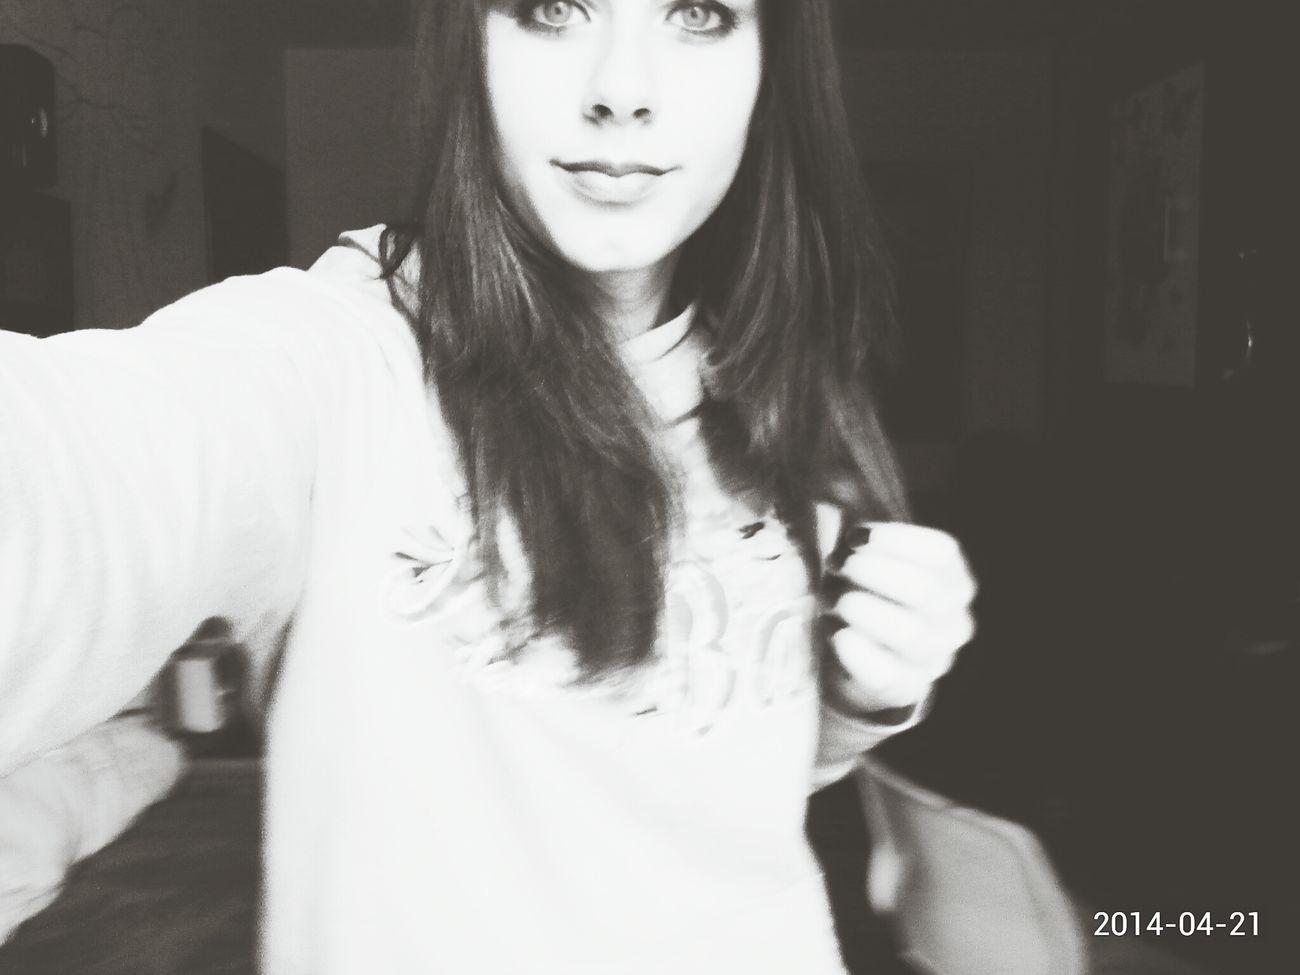 Nimm mich so wie ich bin, oder du gehts wie du gekommen bist!:*